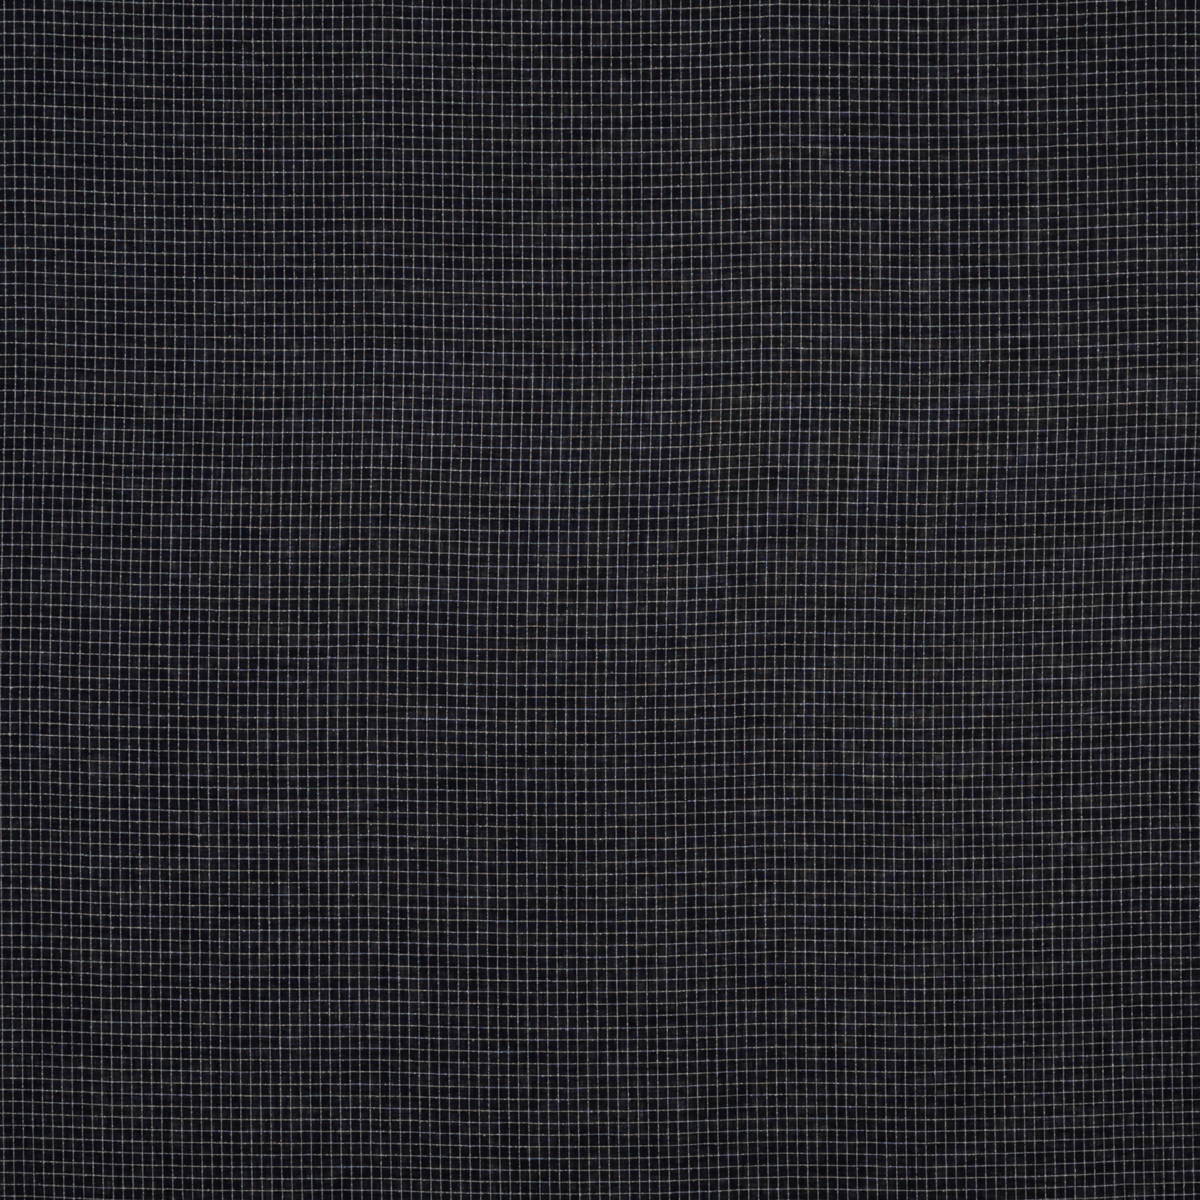 Полупрозрачный лён с шёлком чернильного цвета в клетку